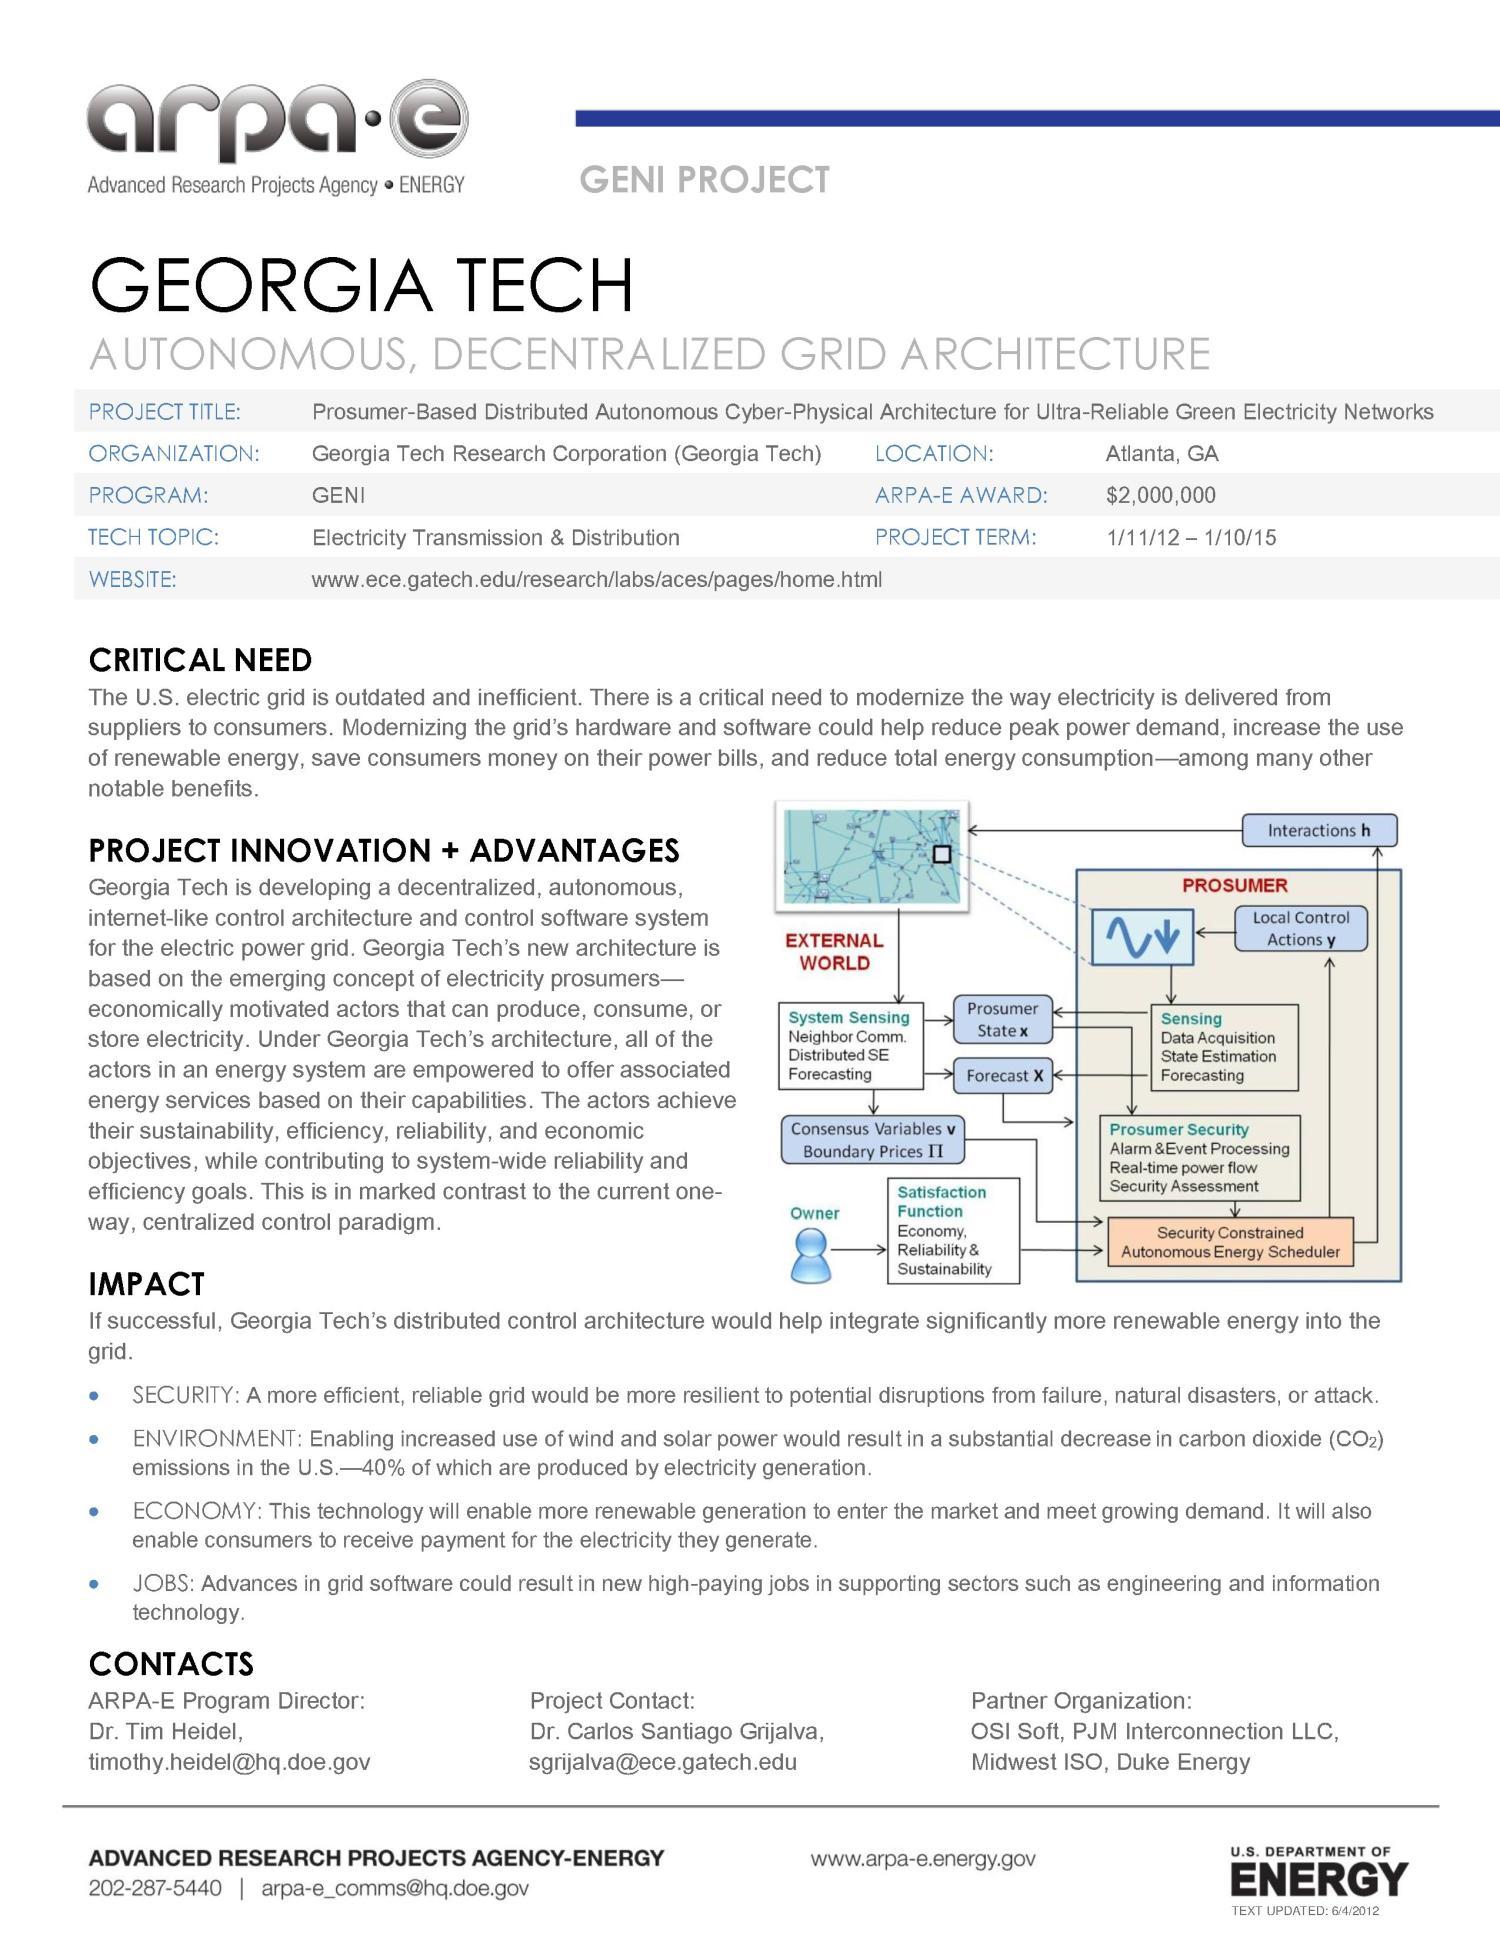 Autonomous, Decentralized Grid Architecture - Digital Library